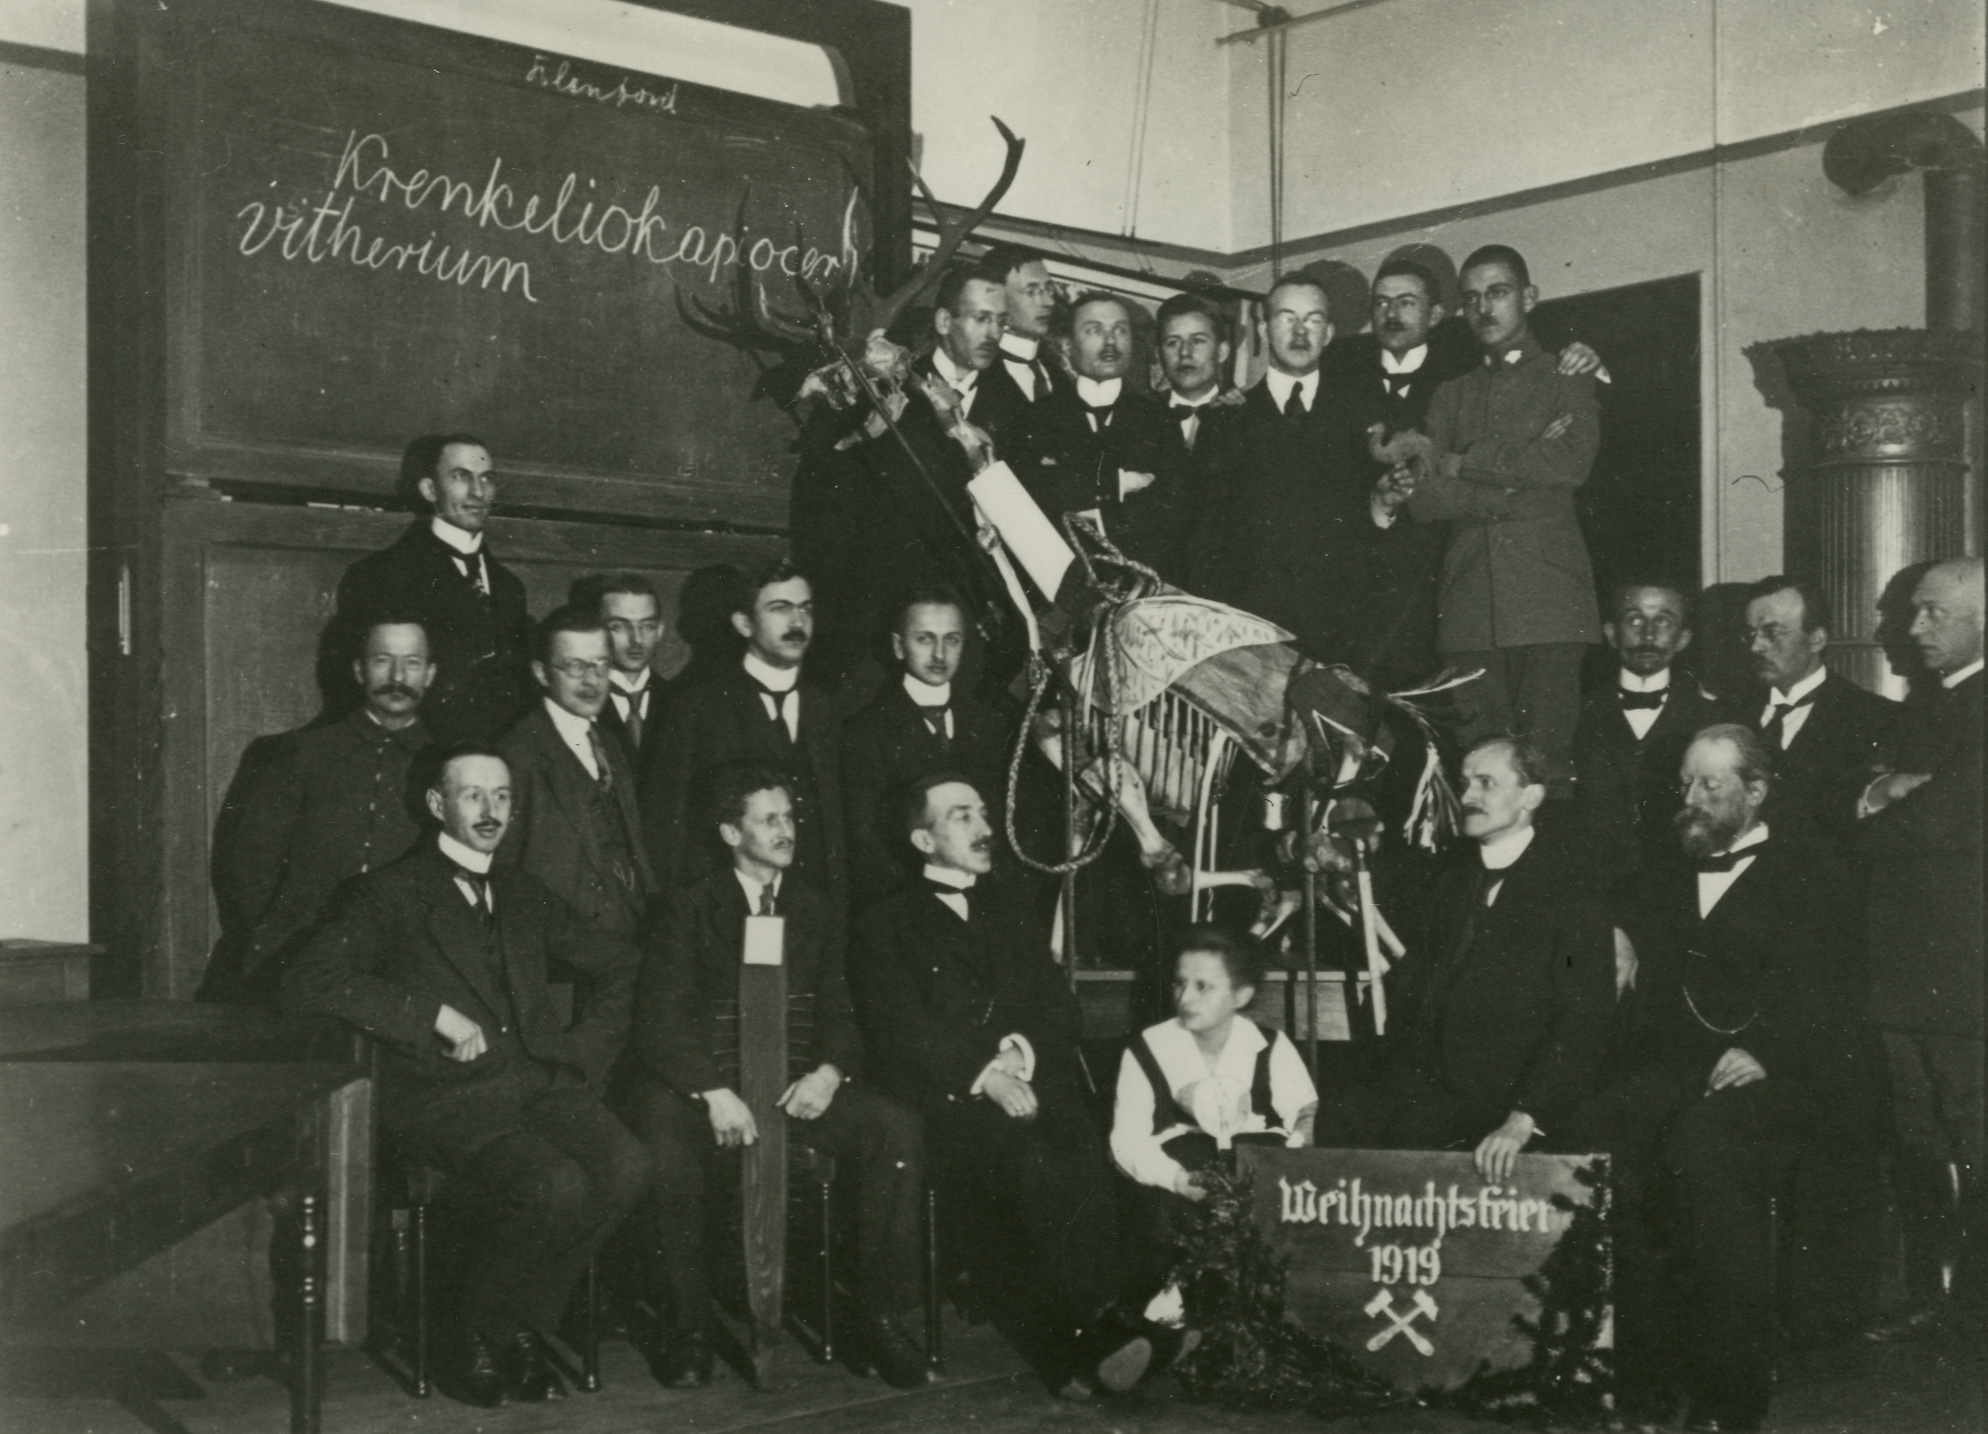 Weihnachtsfeier Leipzig.Datei Walter Hoppe Obere Reihe 1919 Weihnachtsfeier Uni Leipzig Jpg